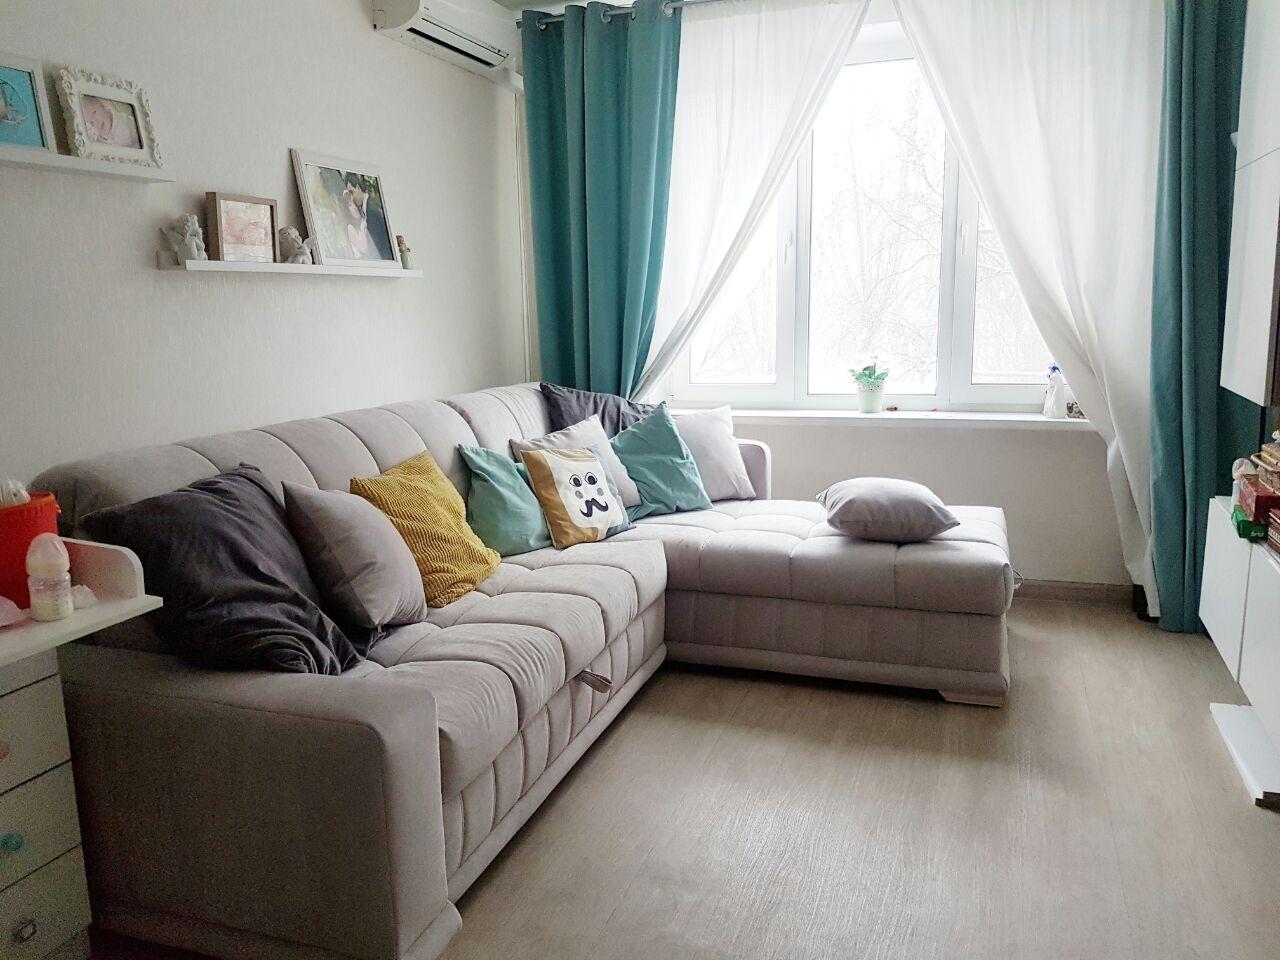 религия угловой диван в узкой комнате фото запасшись сникерсами